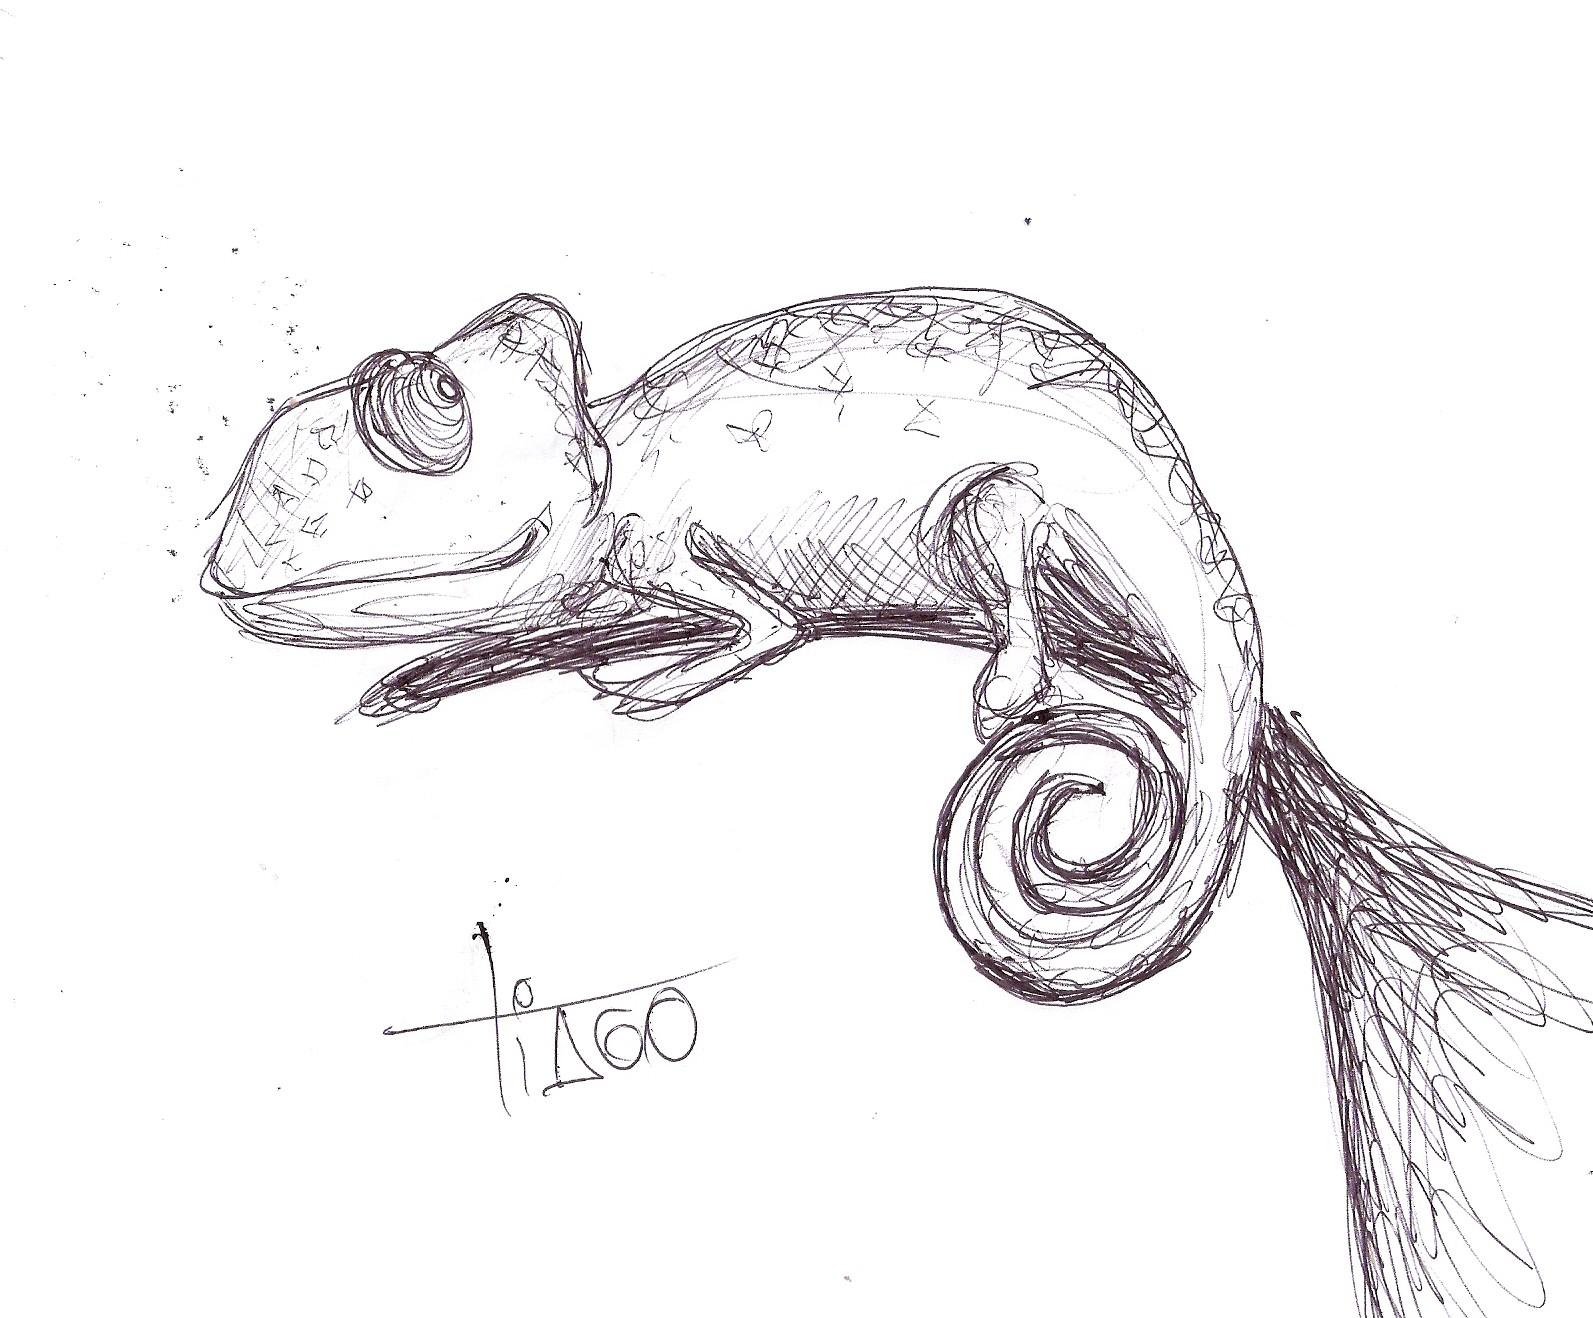 desenhando camaleão